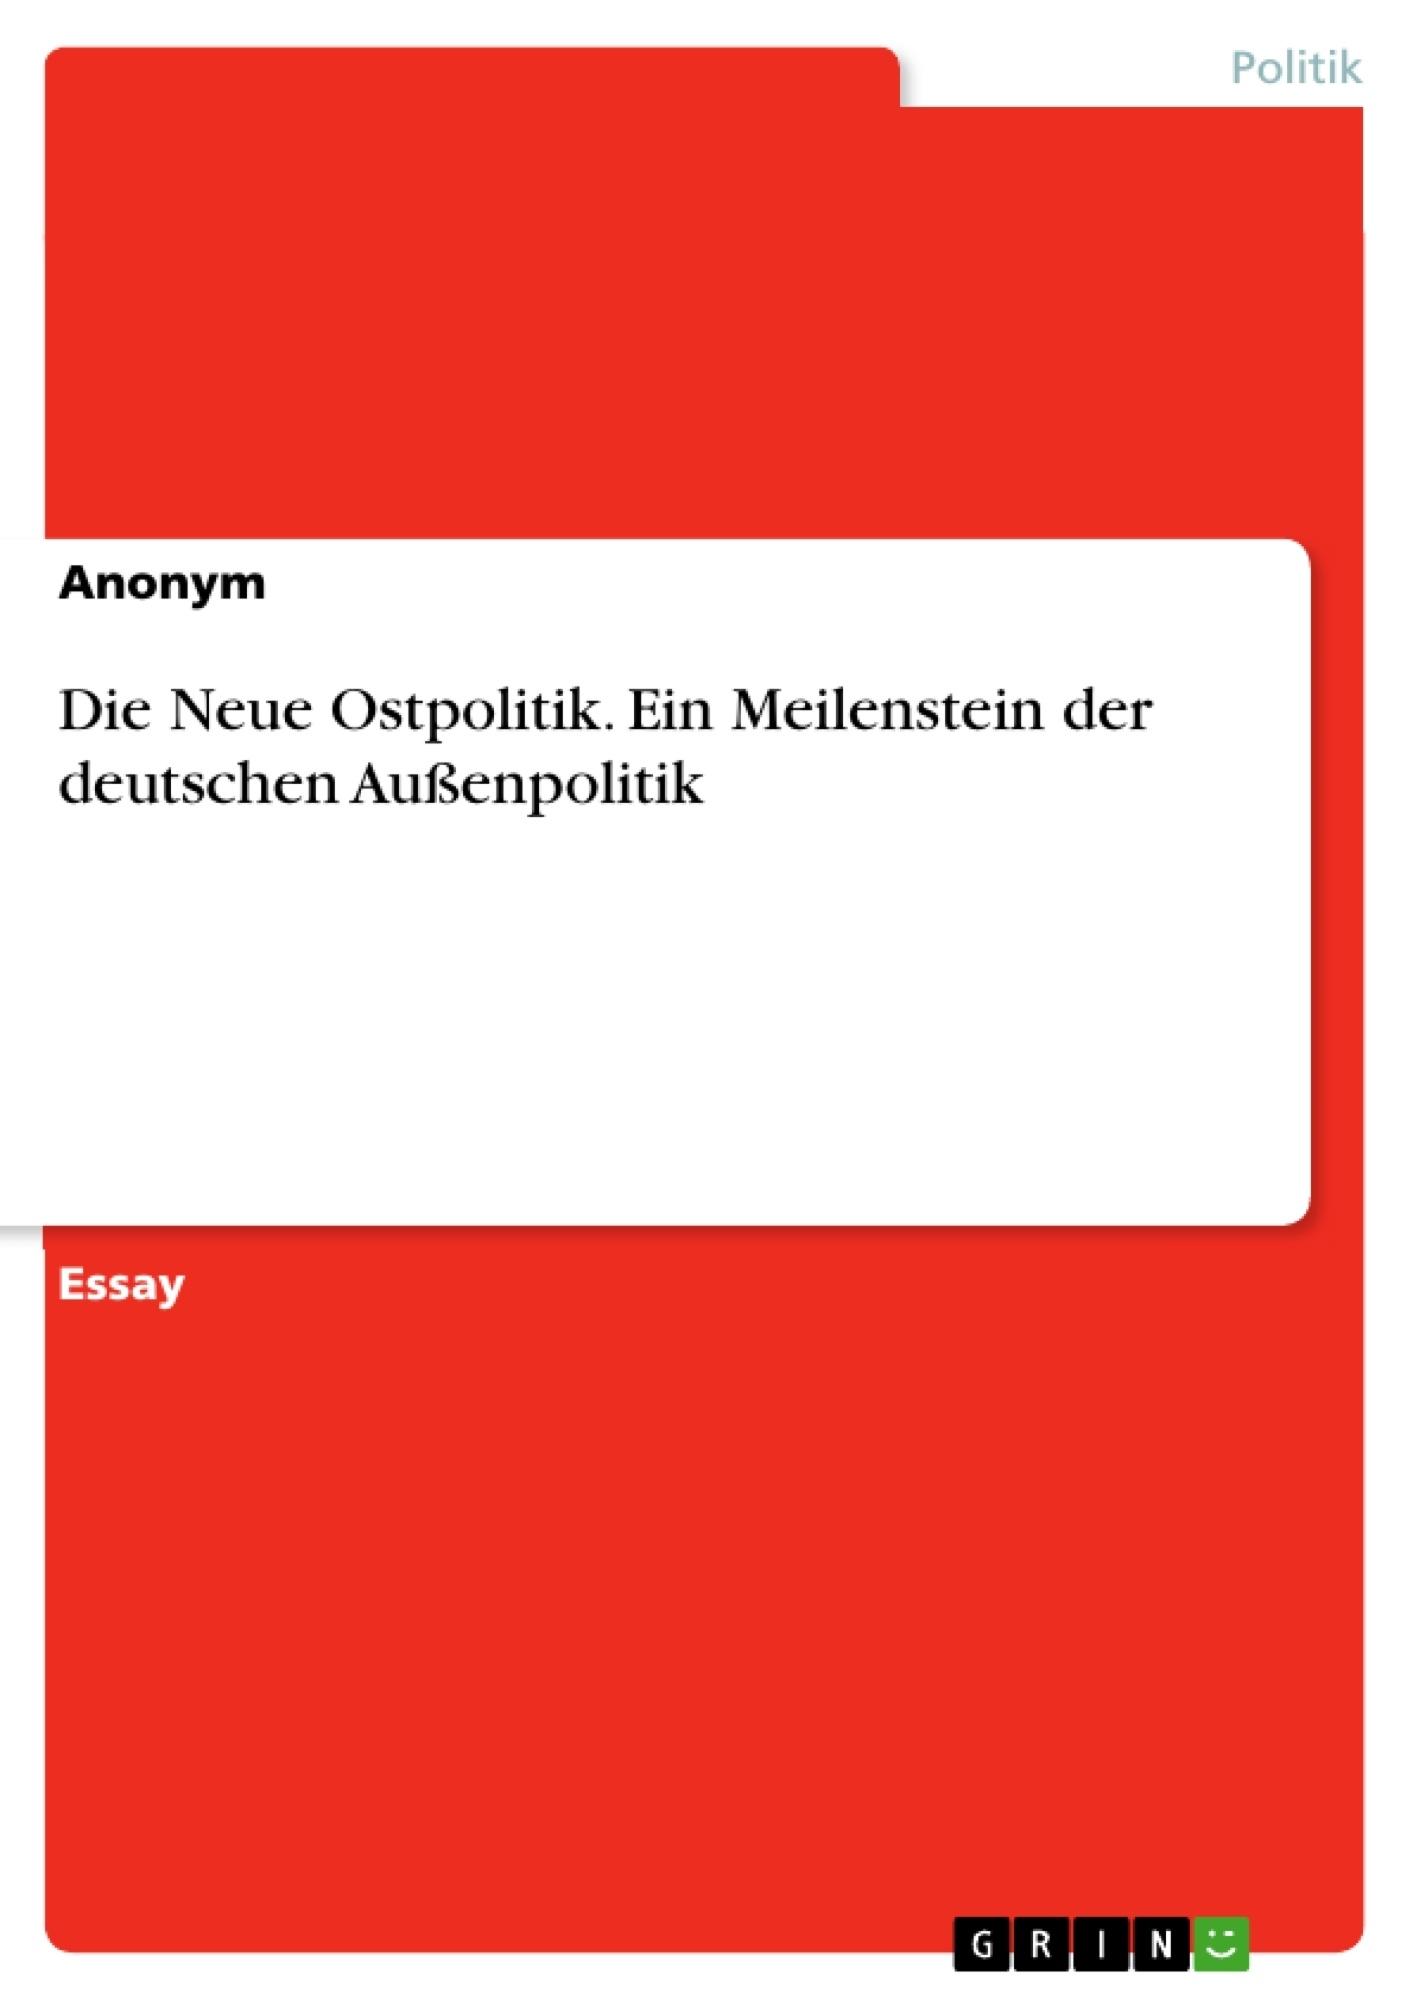 Titel: Die Neue Ostpolitik. Ein Meilenstein der deutschen Außenpolitik